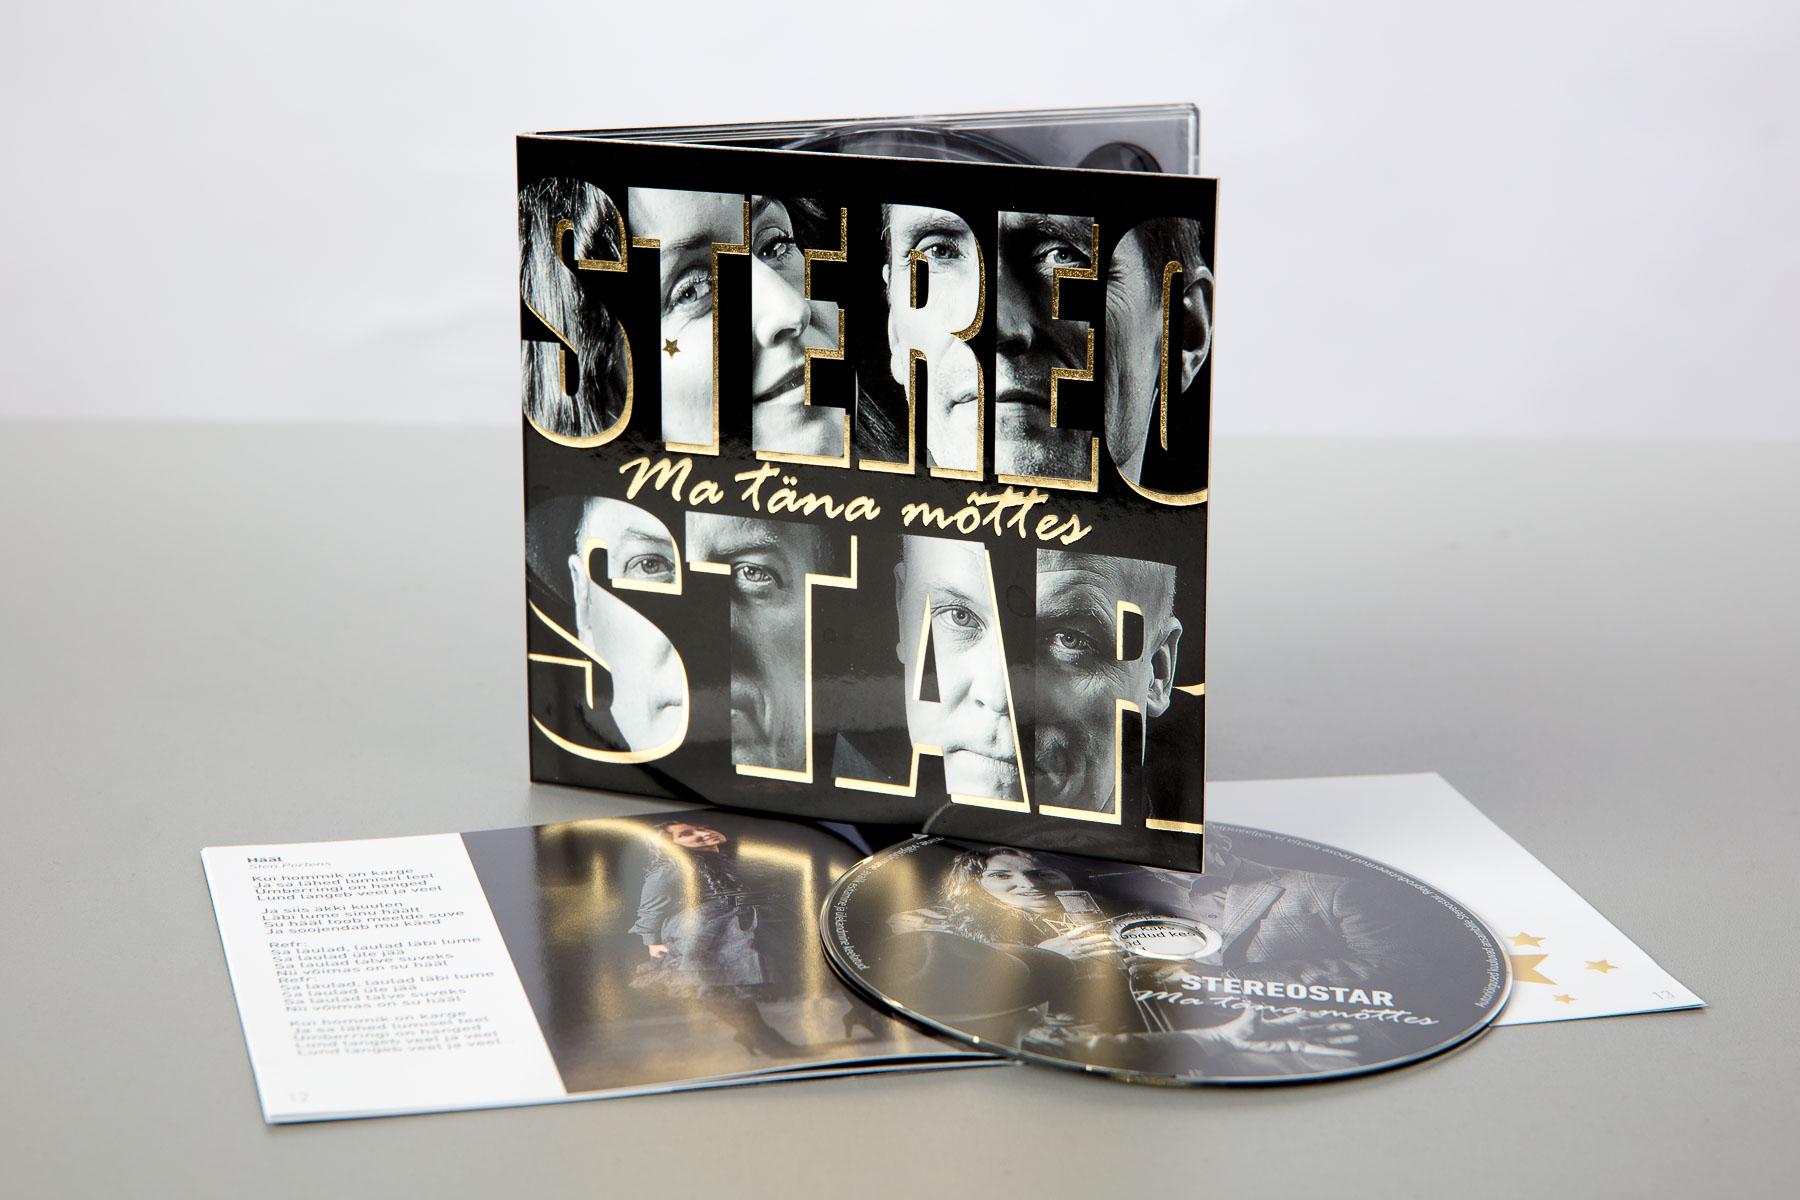 Stereo Star CD